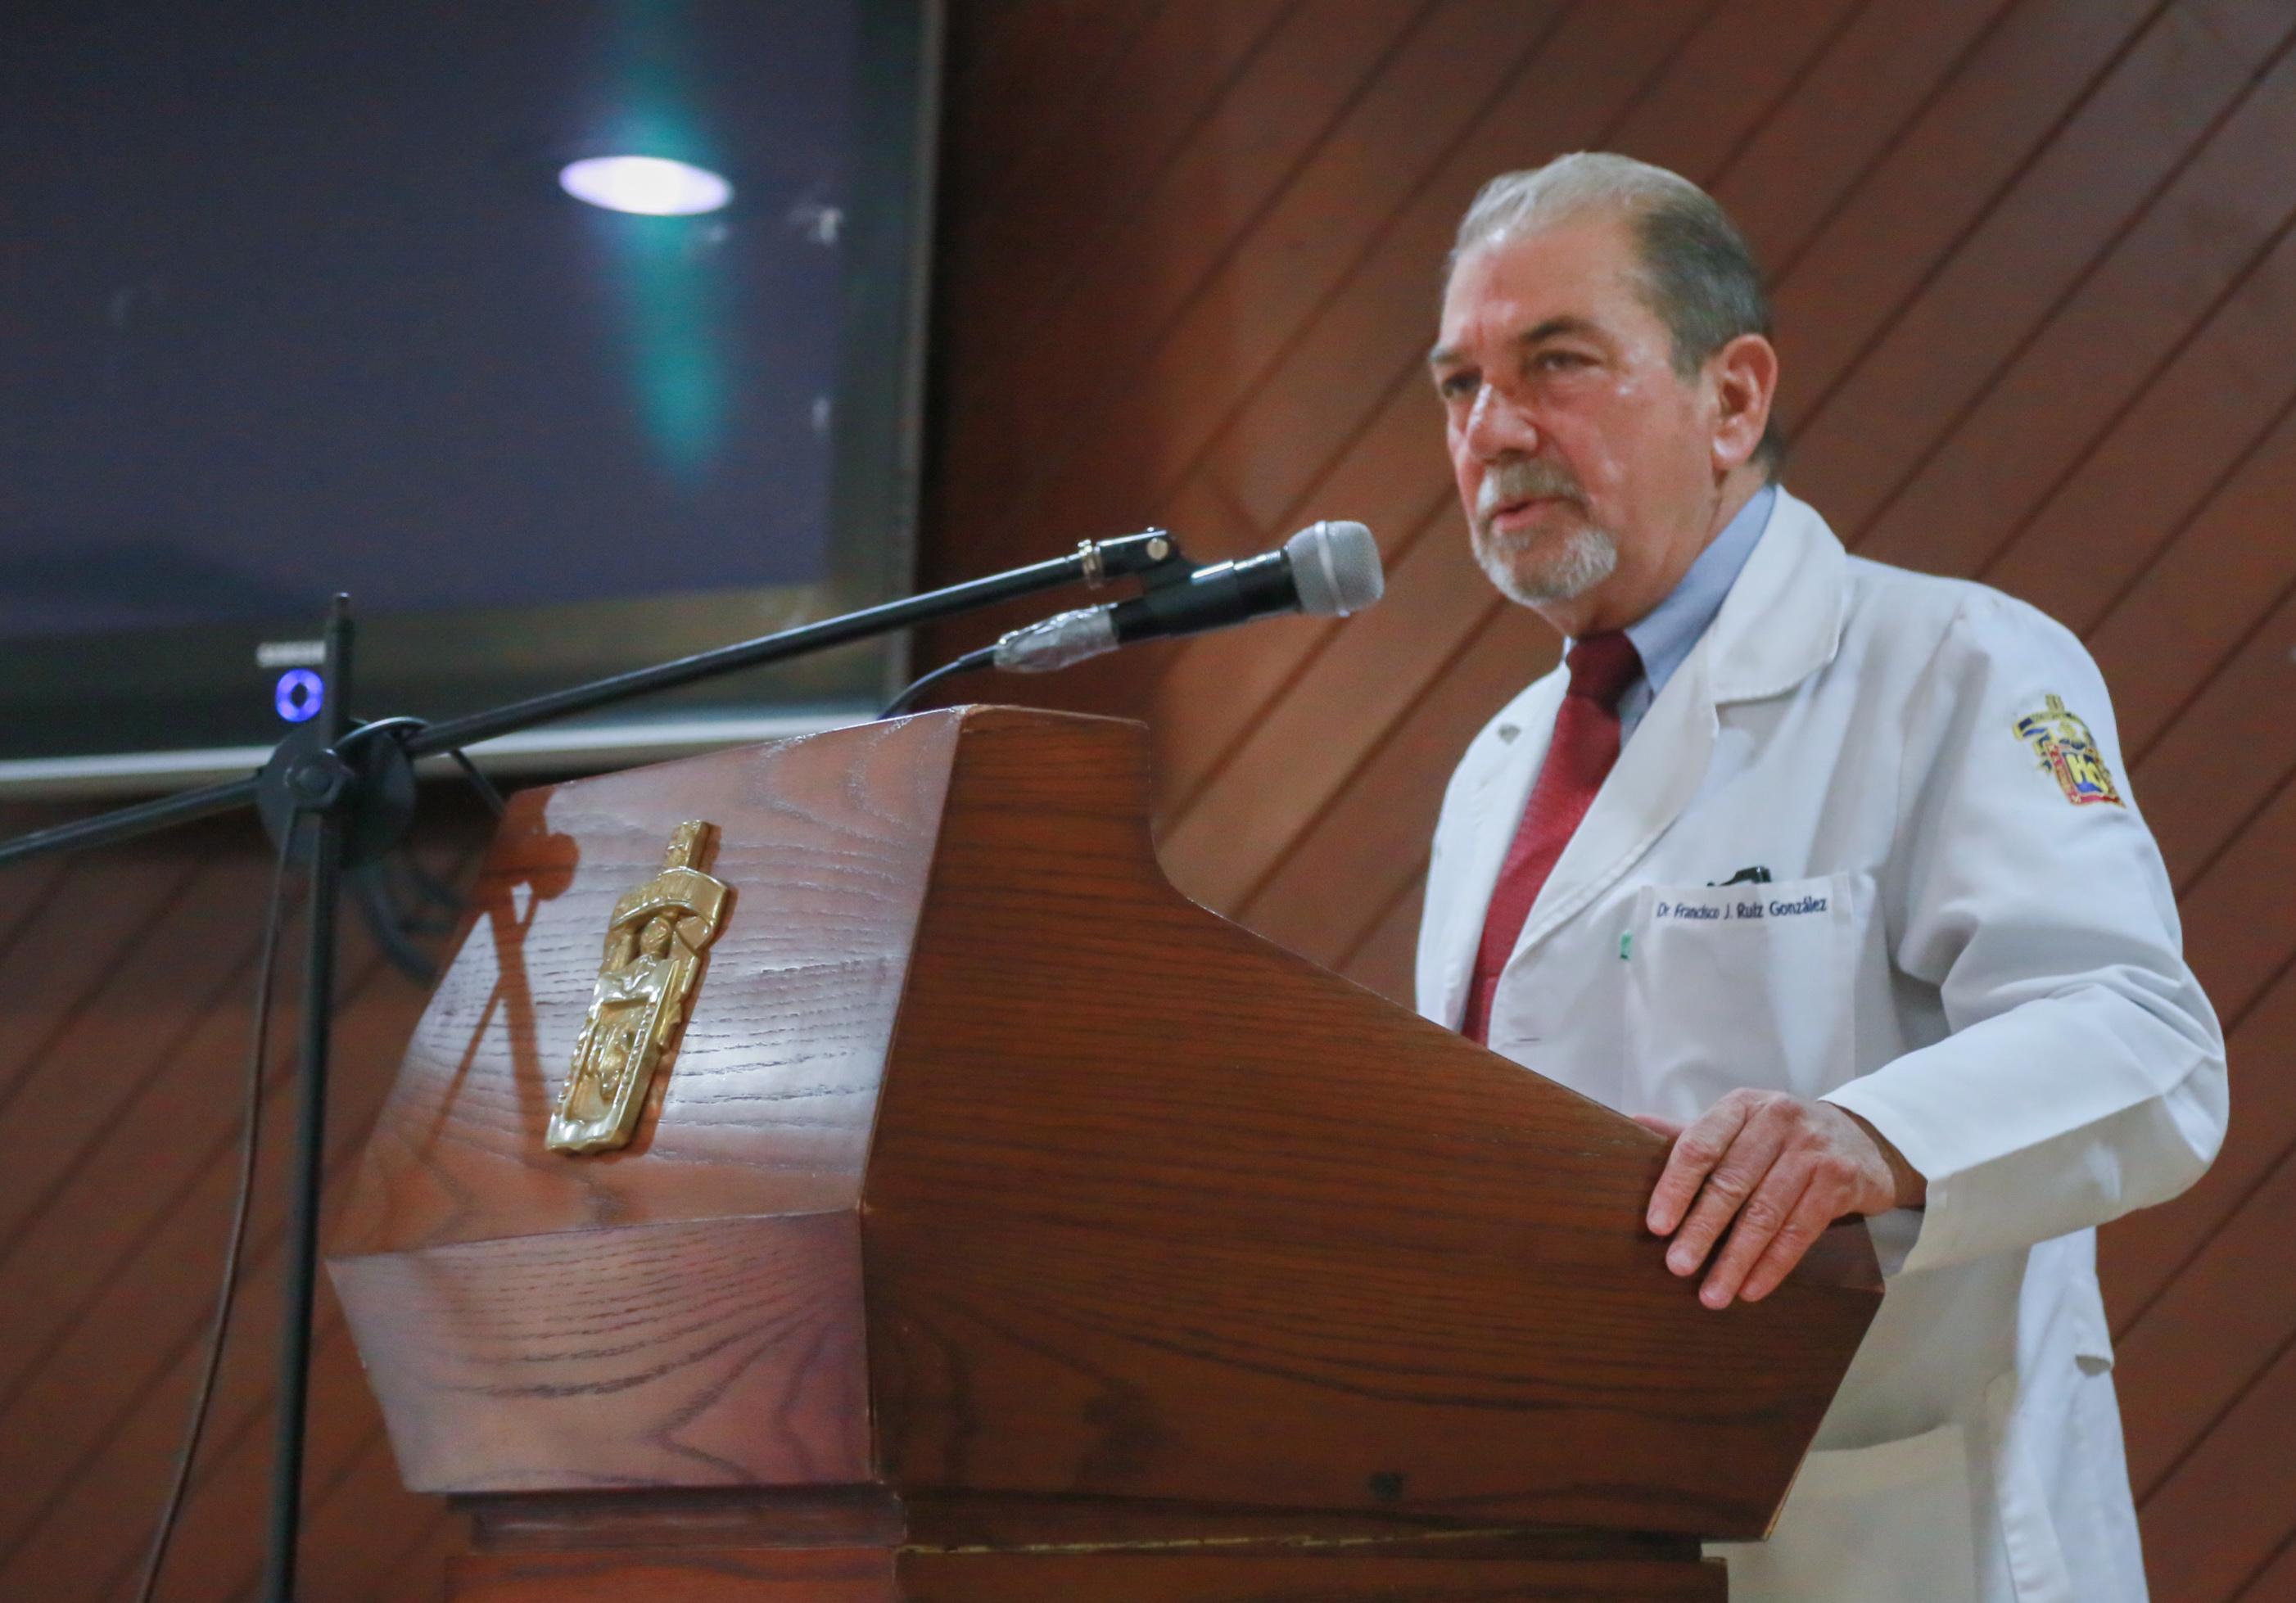 el doctor Francisco Ruiz González, connotado reumatólogo y jefe fundador de la Clínica de Osteoporosis del Antiguo Hospital Civil